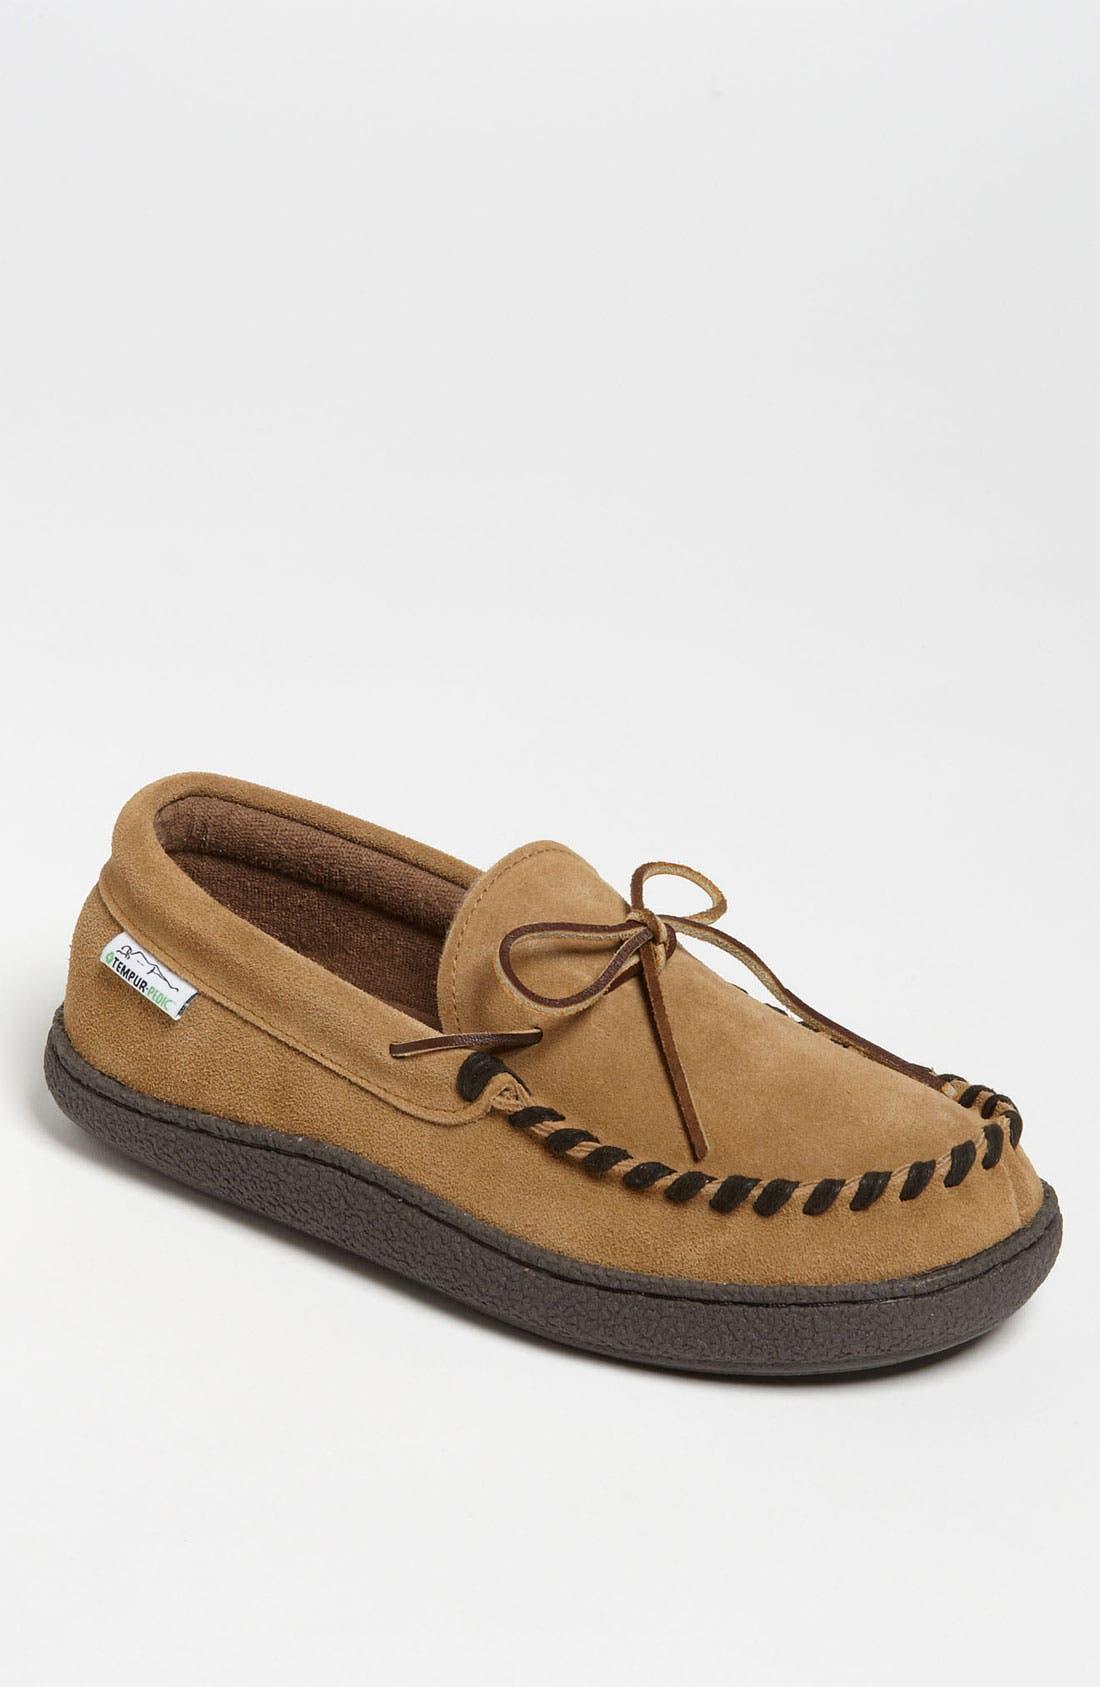 Alternate Image 1 Selected - Tempur-Pedic® Suede Moccasin Slipper